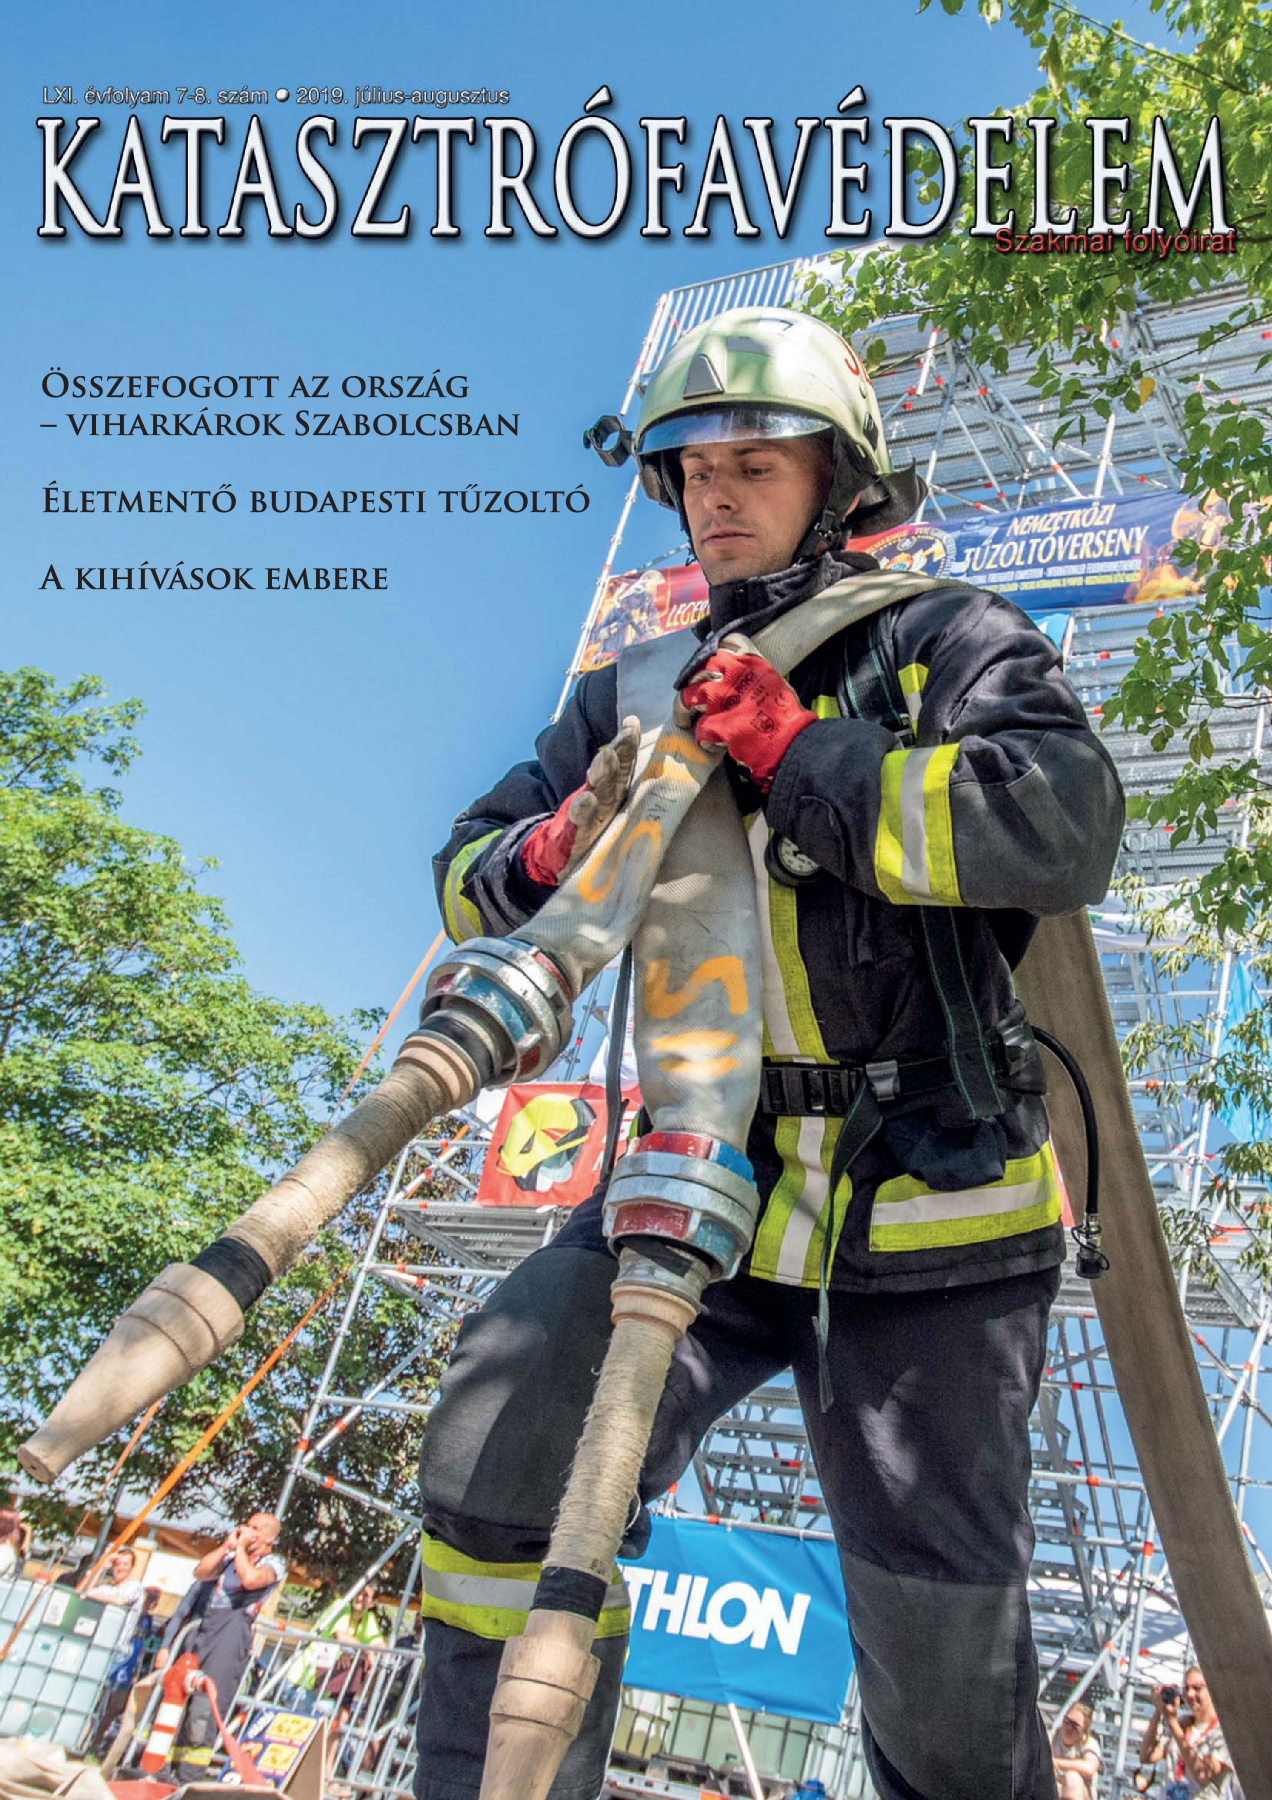 A Katasztrófavédelem magazin LXI. évfolyam 7-8. szám megtekintése